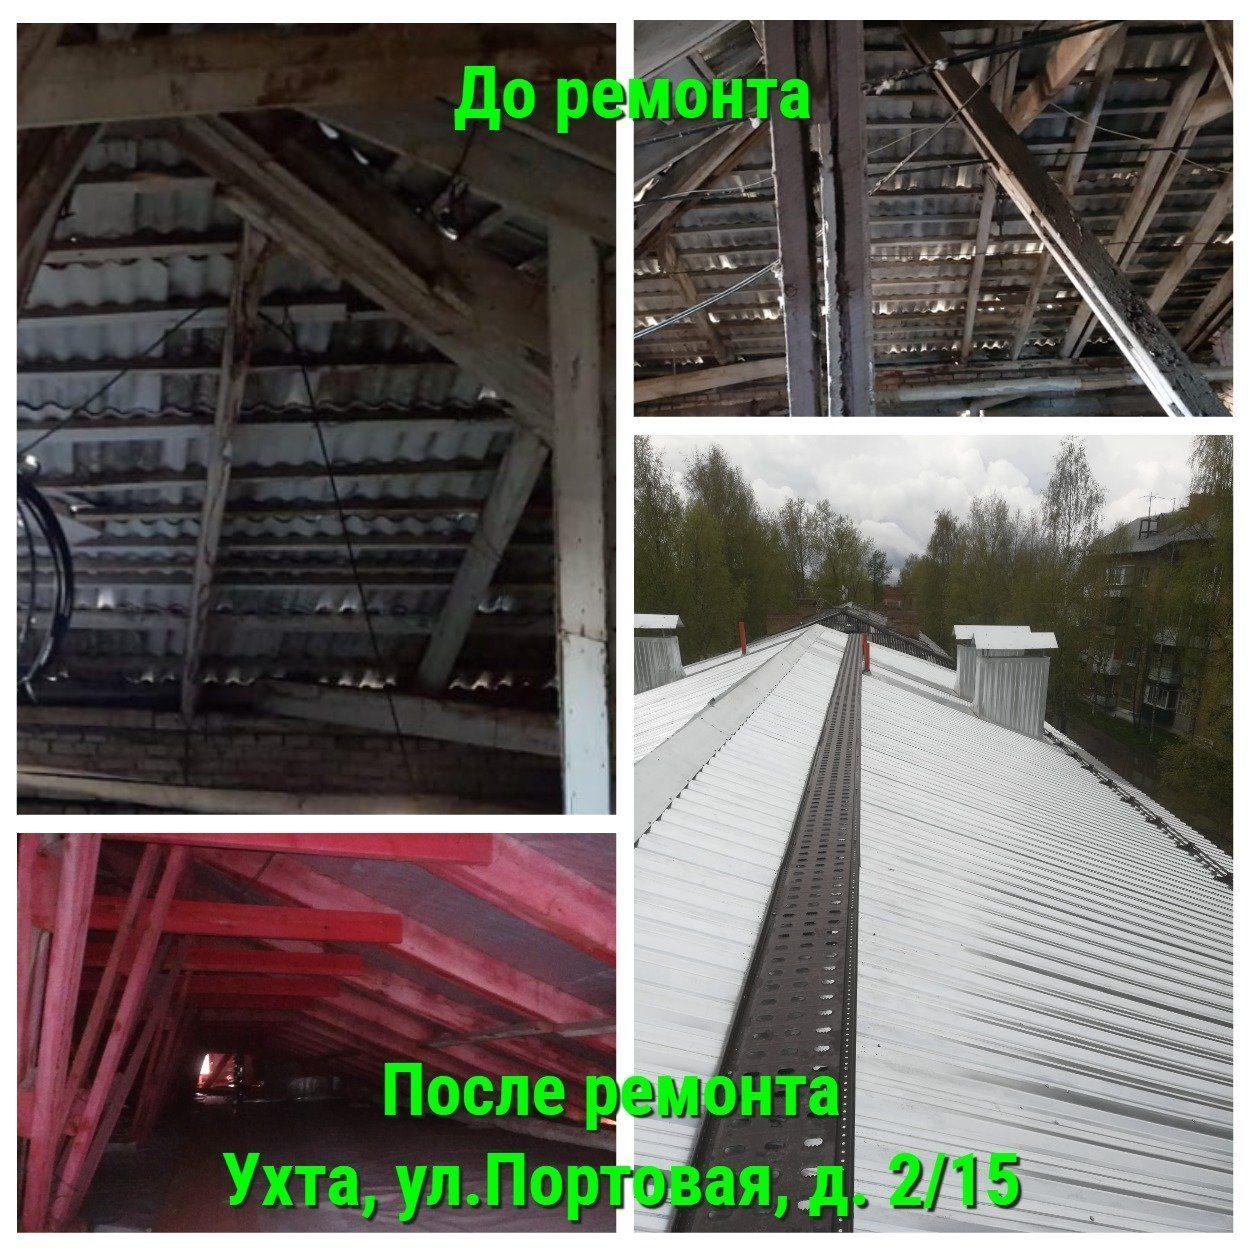 kryscha-portovaya-2-15.jpg